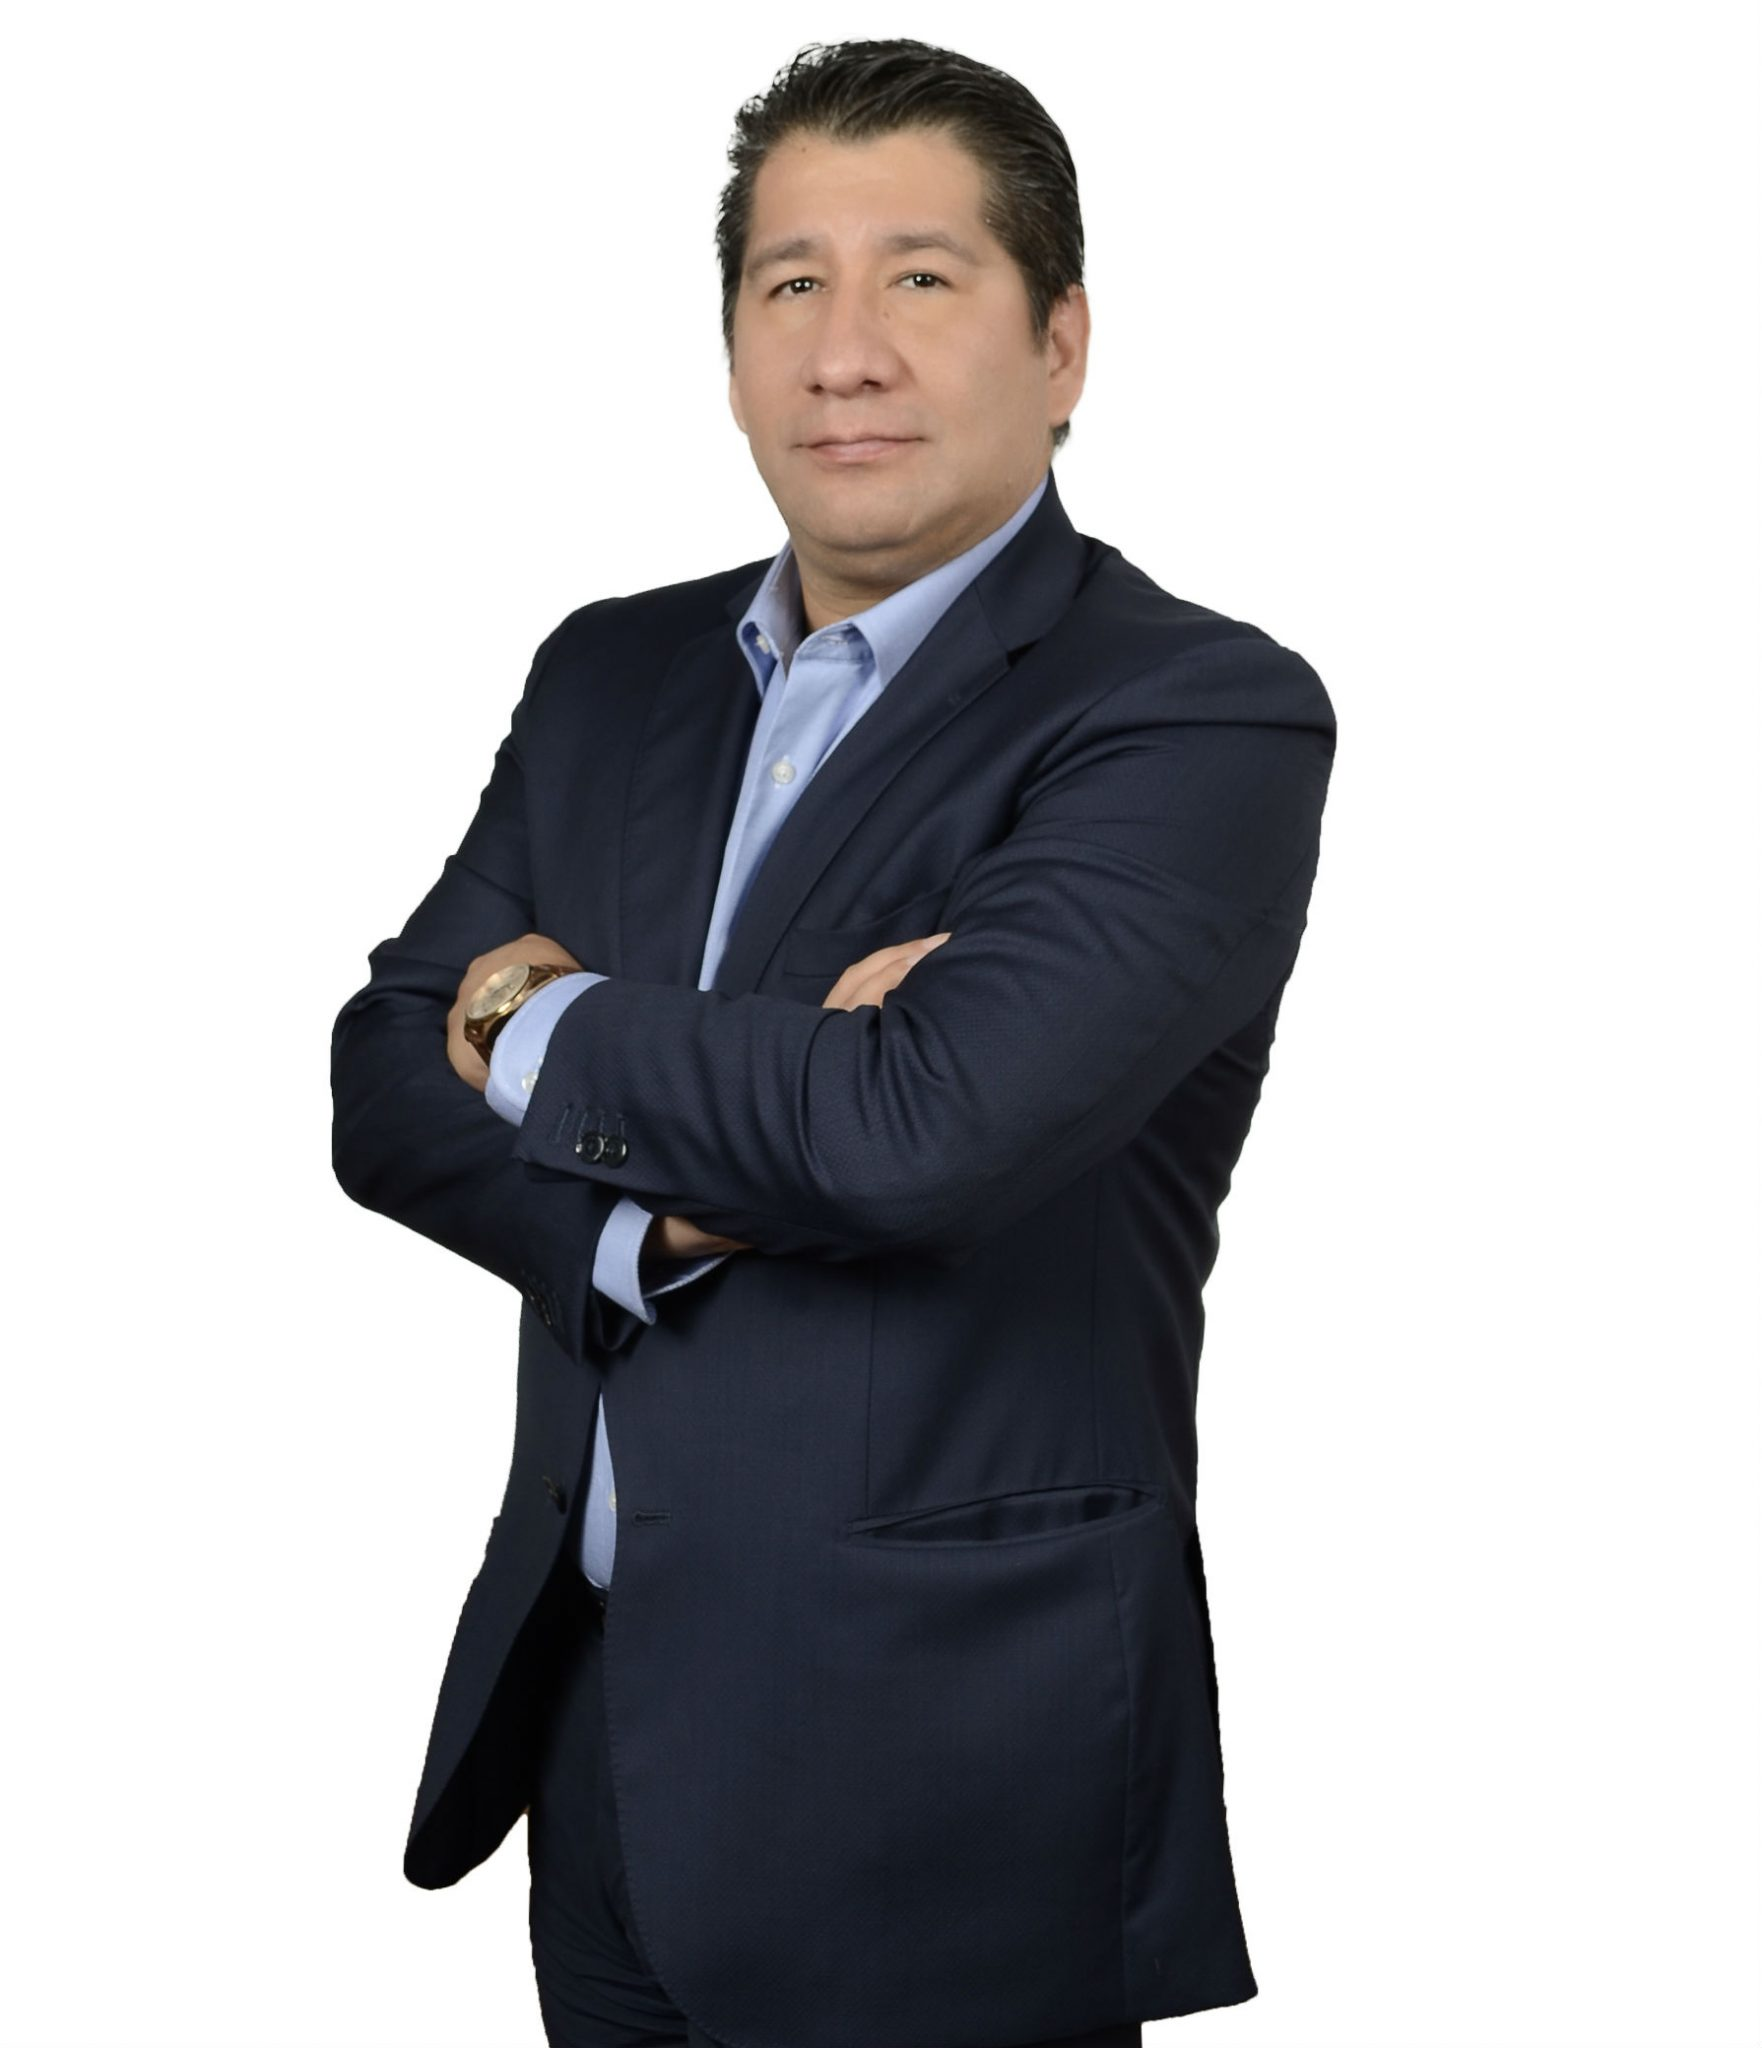 Antonio Maldonado H.